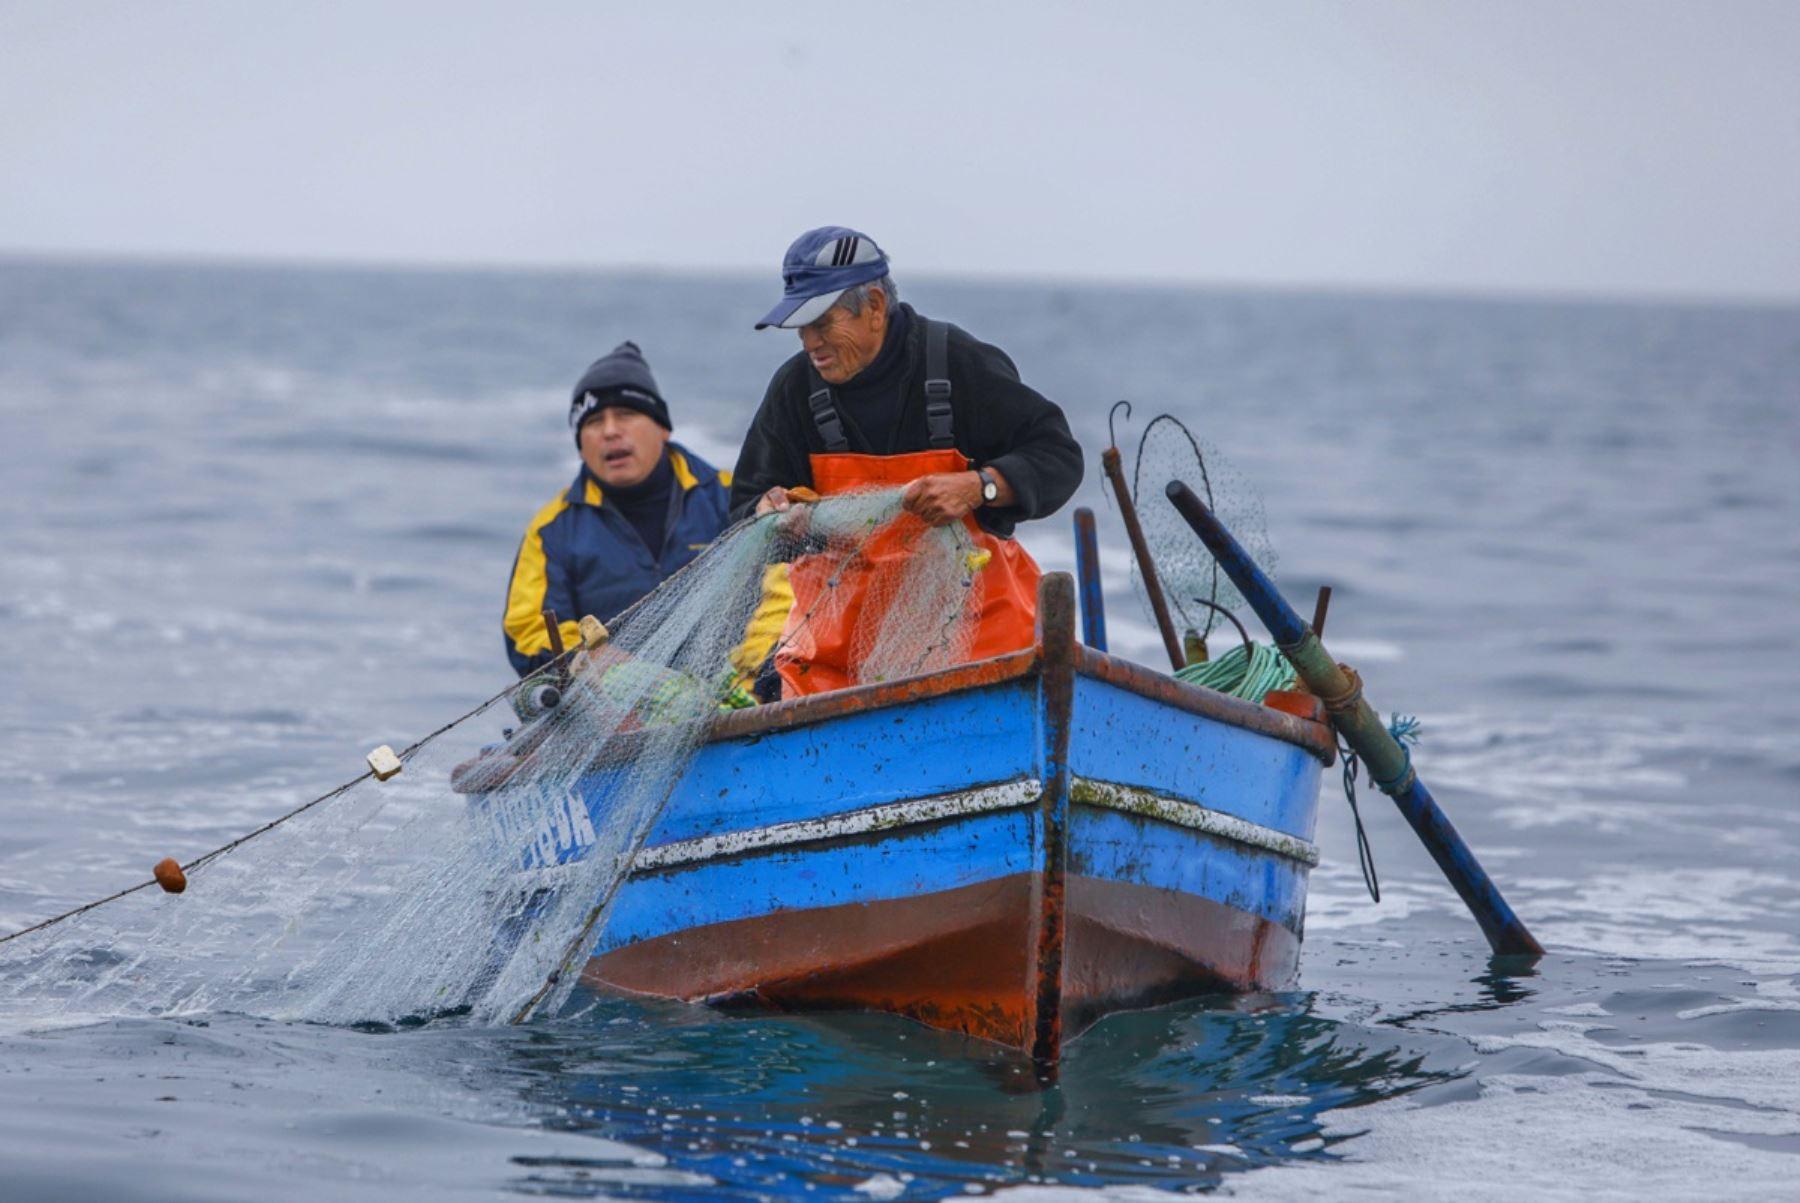 Ejecutivo amplía plazo para formalizar pesca artesanal hasta el 30 de abril 2022